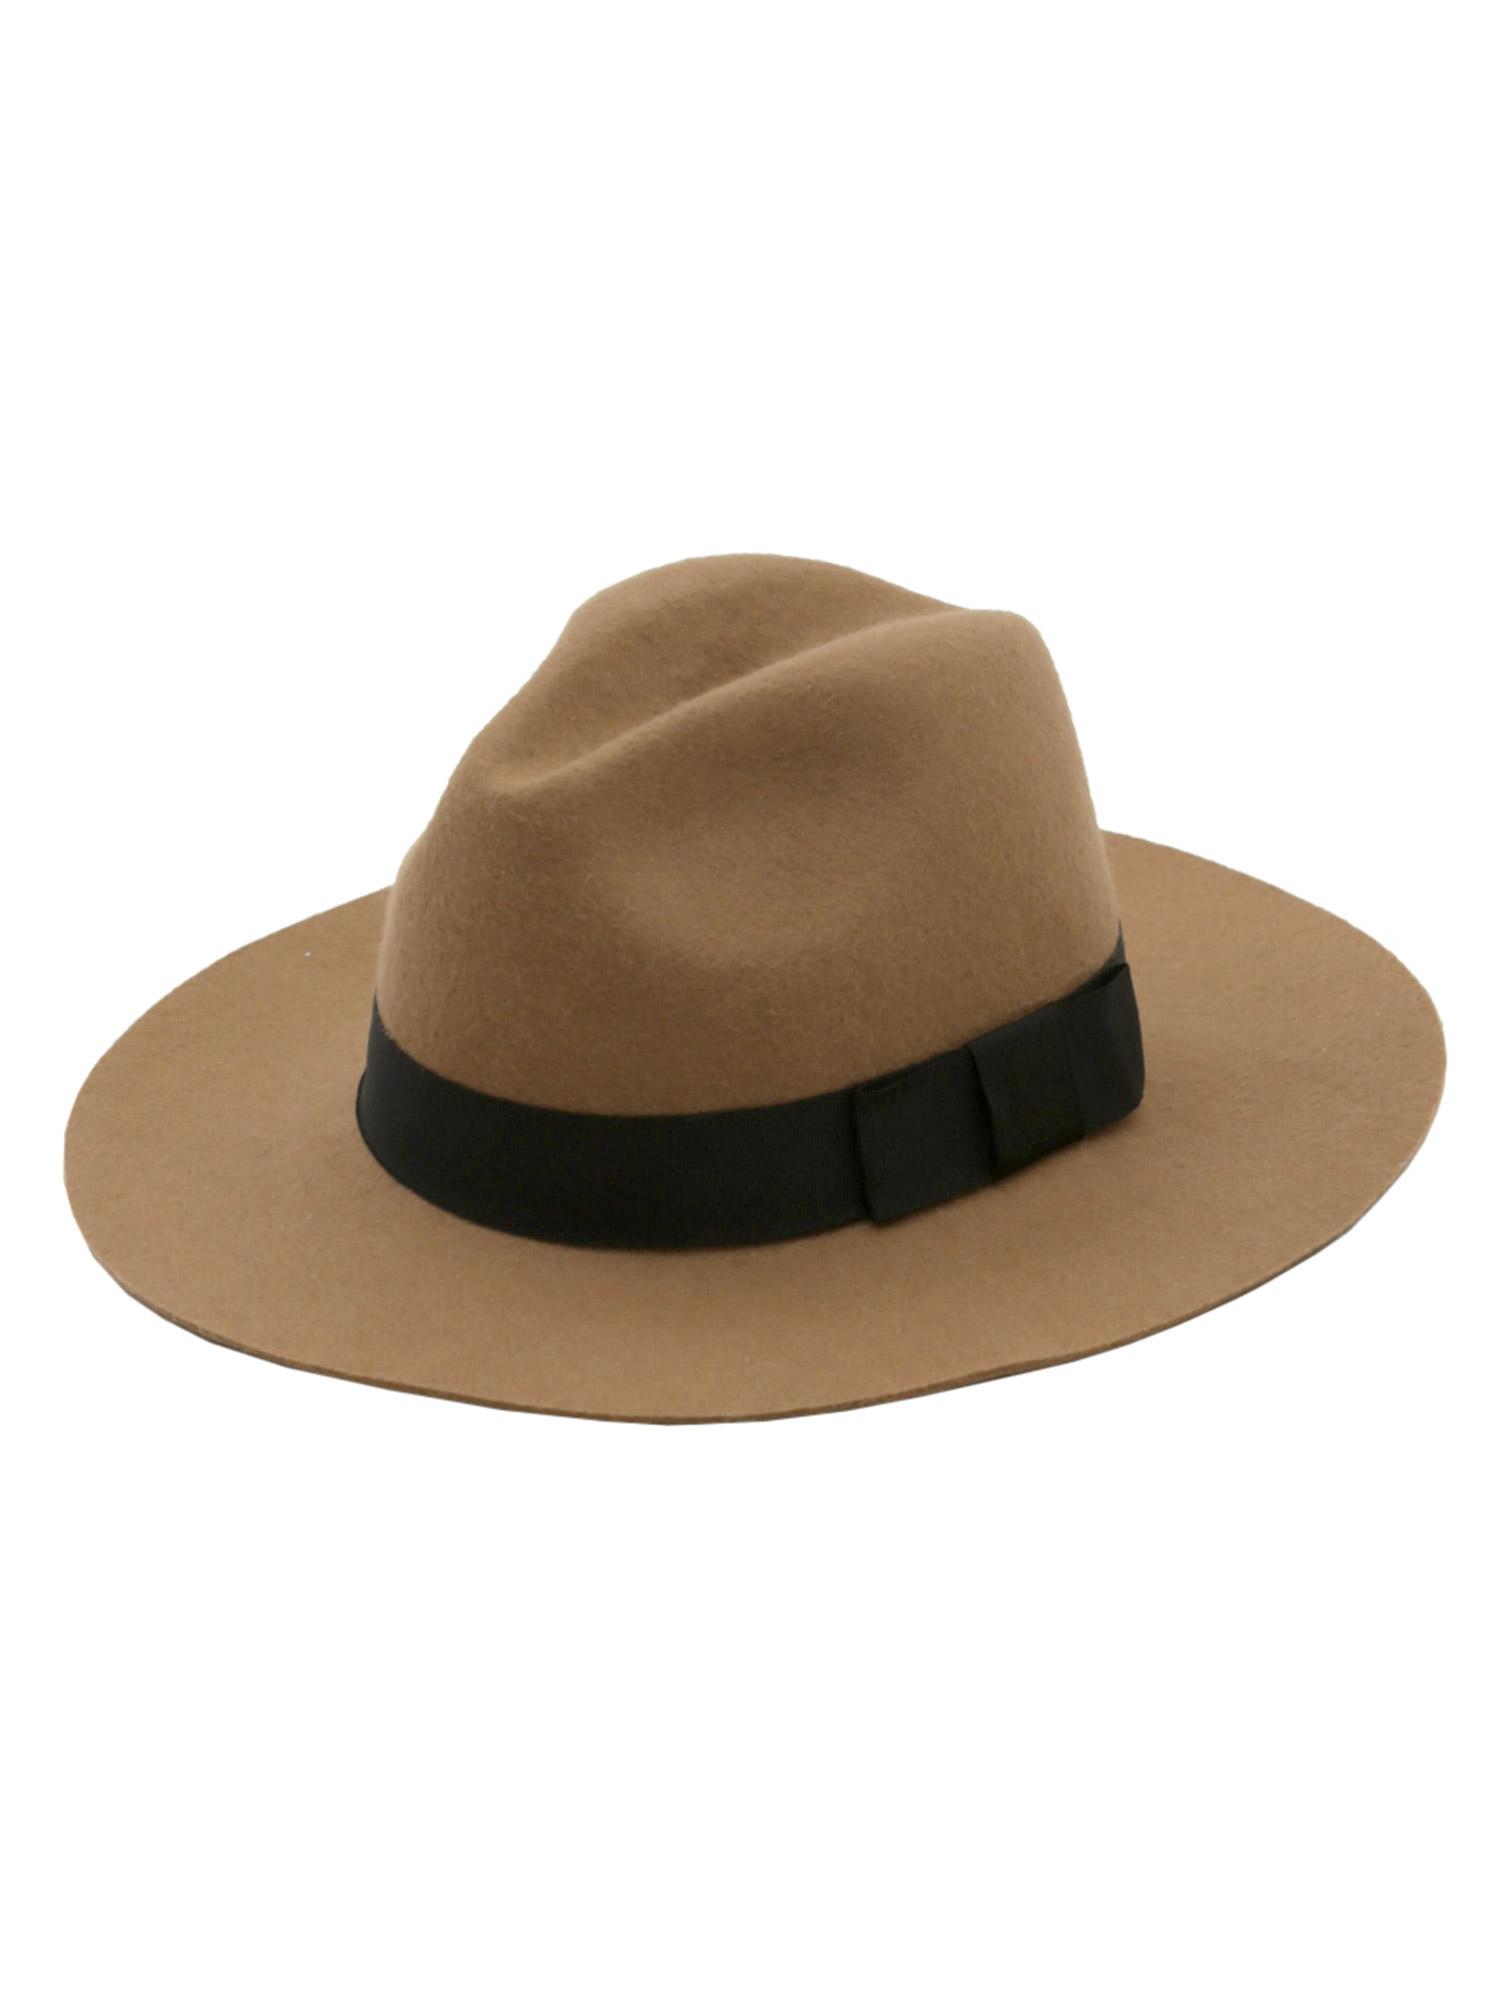 PUNYUS/ウールツバ広HAT